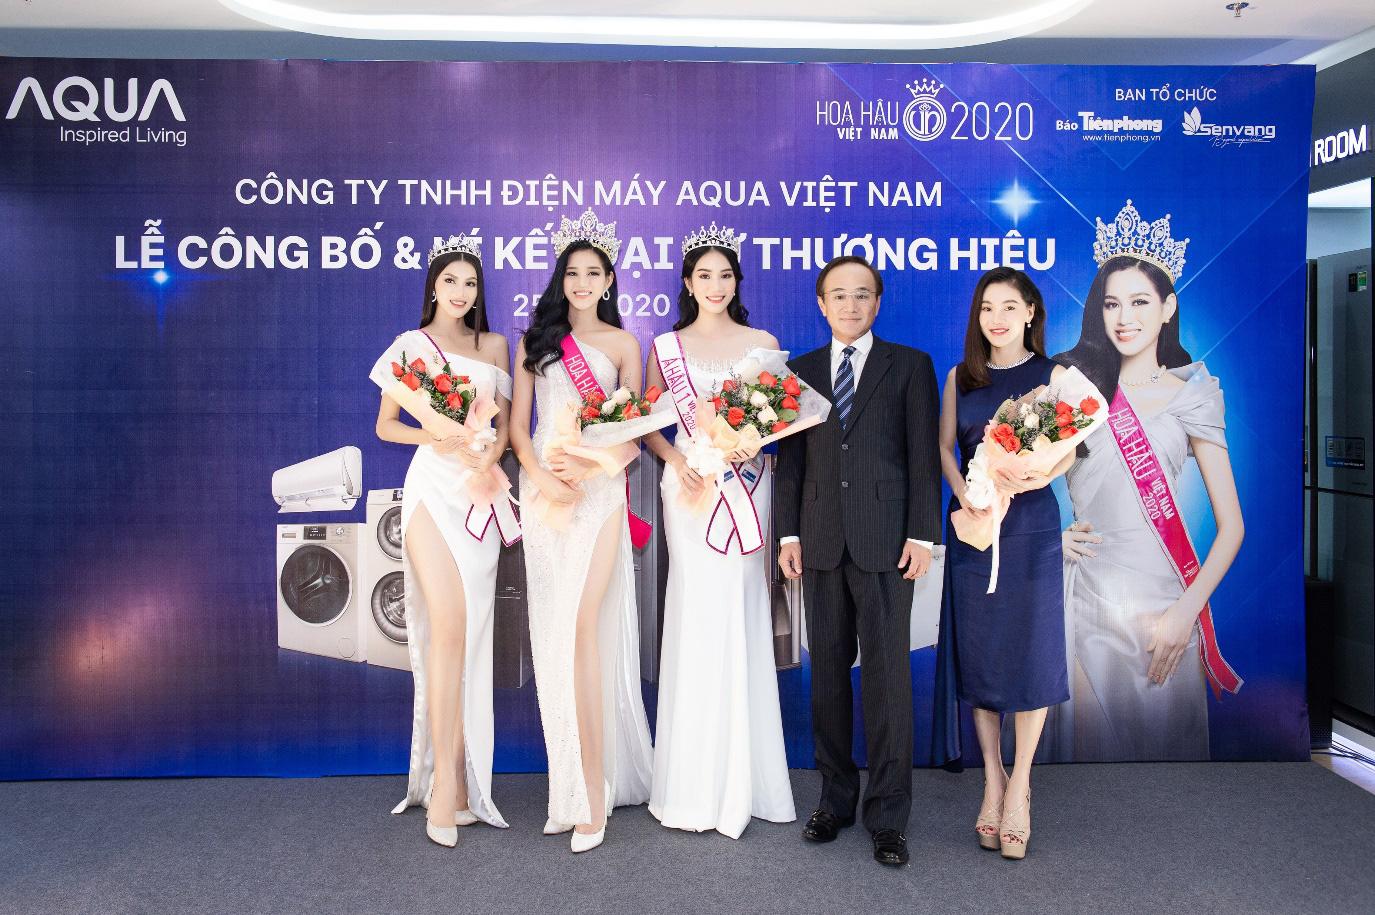 AQUA Việt Nam công bố Đỗ Thị Hà - Hoa hậu Việt Nam 2020 là đại sứ thương hiệu năm 2021 - Ảnh 1.